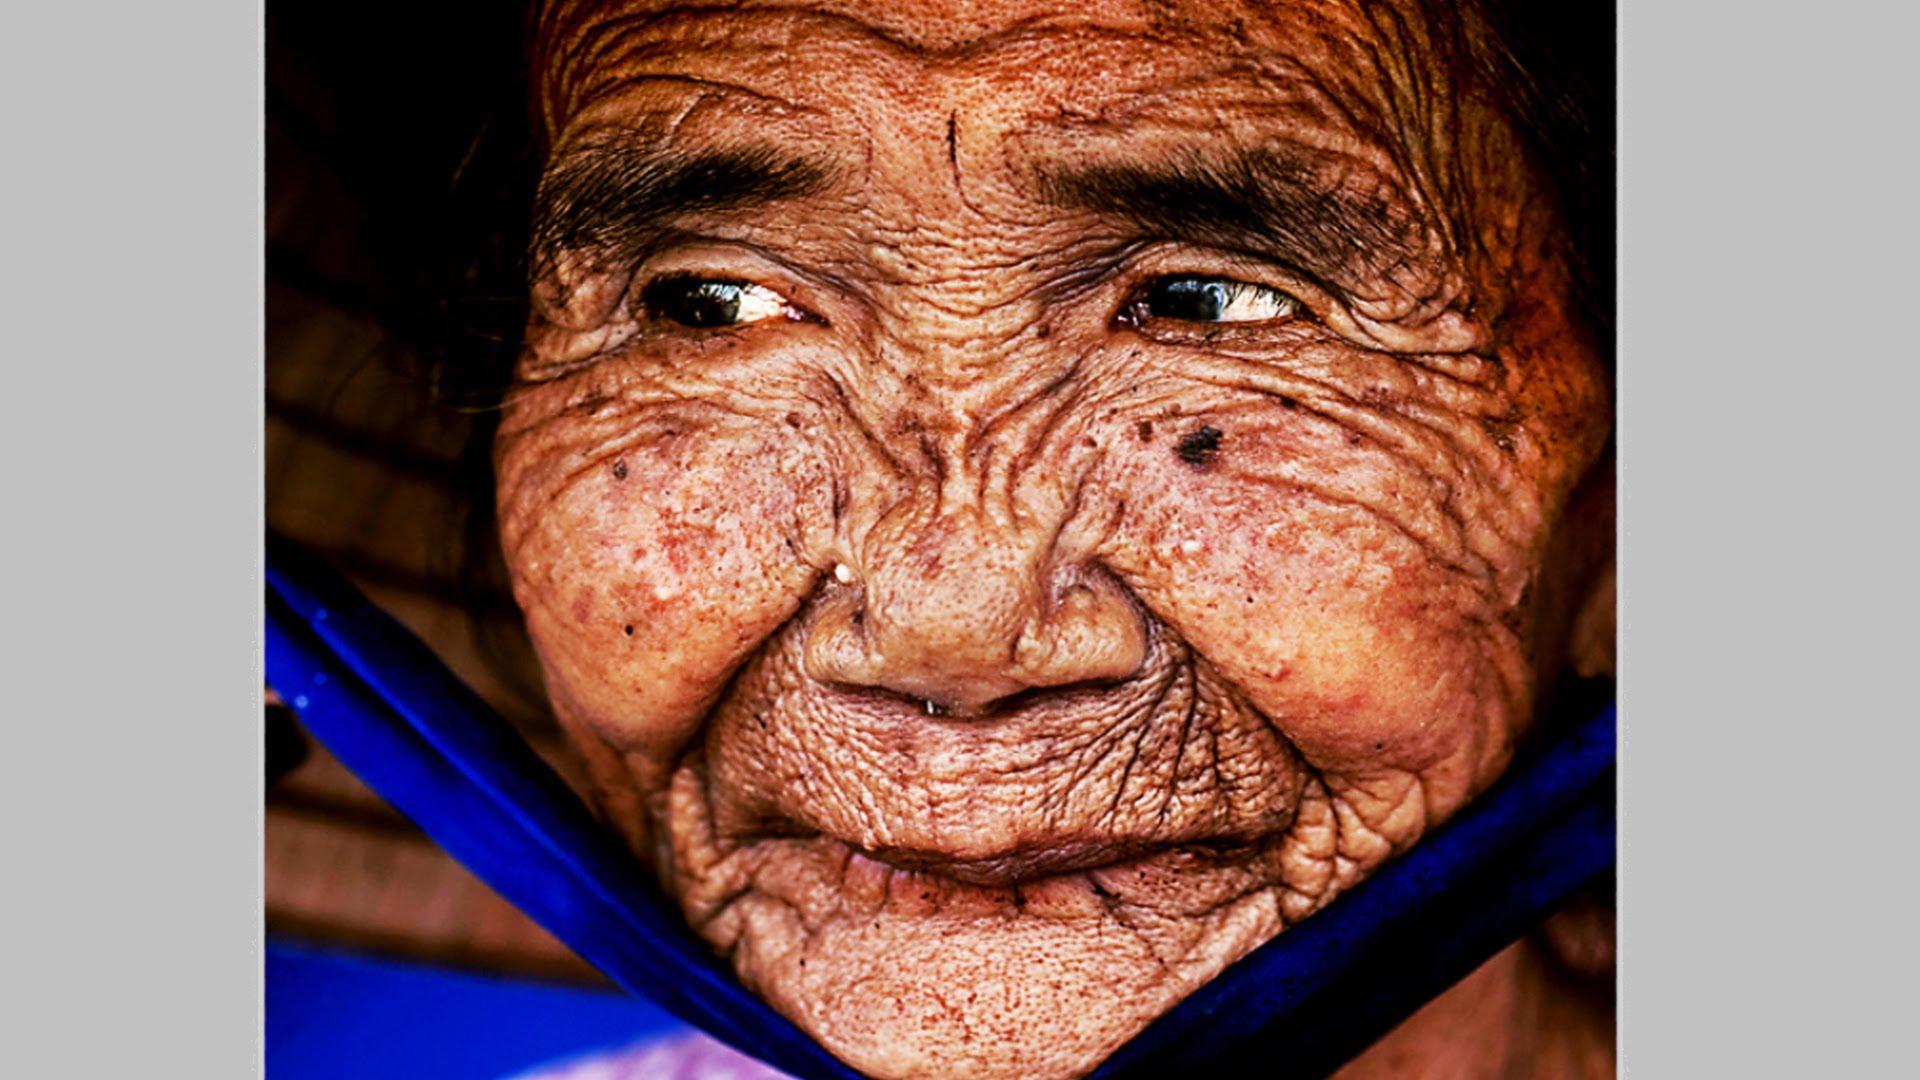 AΠΙΣΤΕΥΤΟ!! ΔΕΙΤΕ πώς αυτή η ηλικιωμένη ΜΕΤΑΜΟΡΦΩΝΕΤΑΙ σε μία ΝΕΑ και ΩΡΑΙΑ γυναίκα στο λεπτό!!